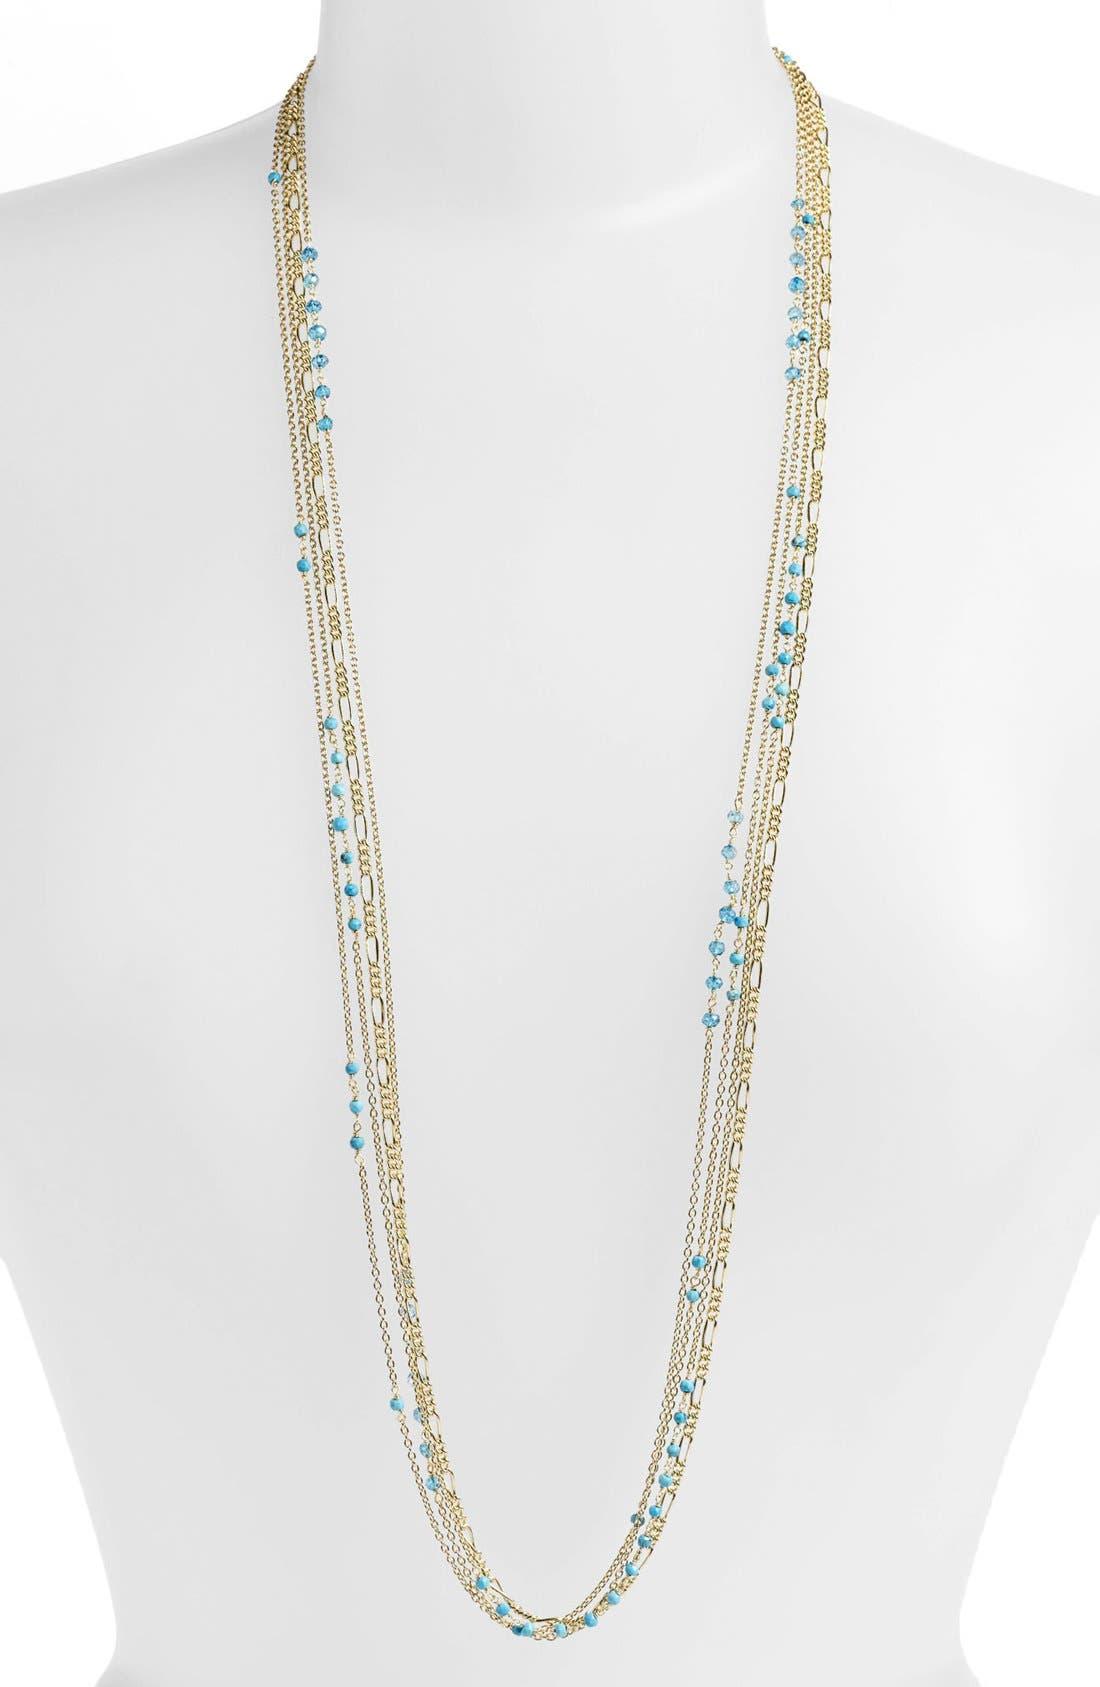 Alternate Image 1 Selected - NuNu Designs Multistrand Necklace